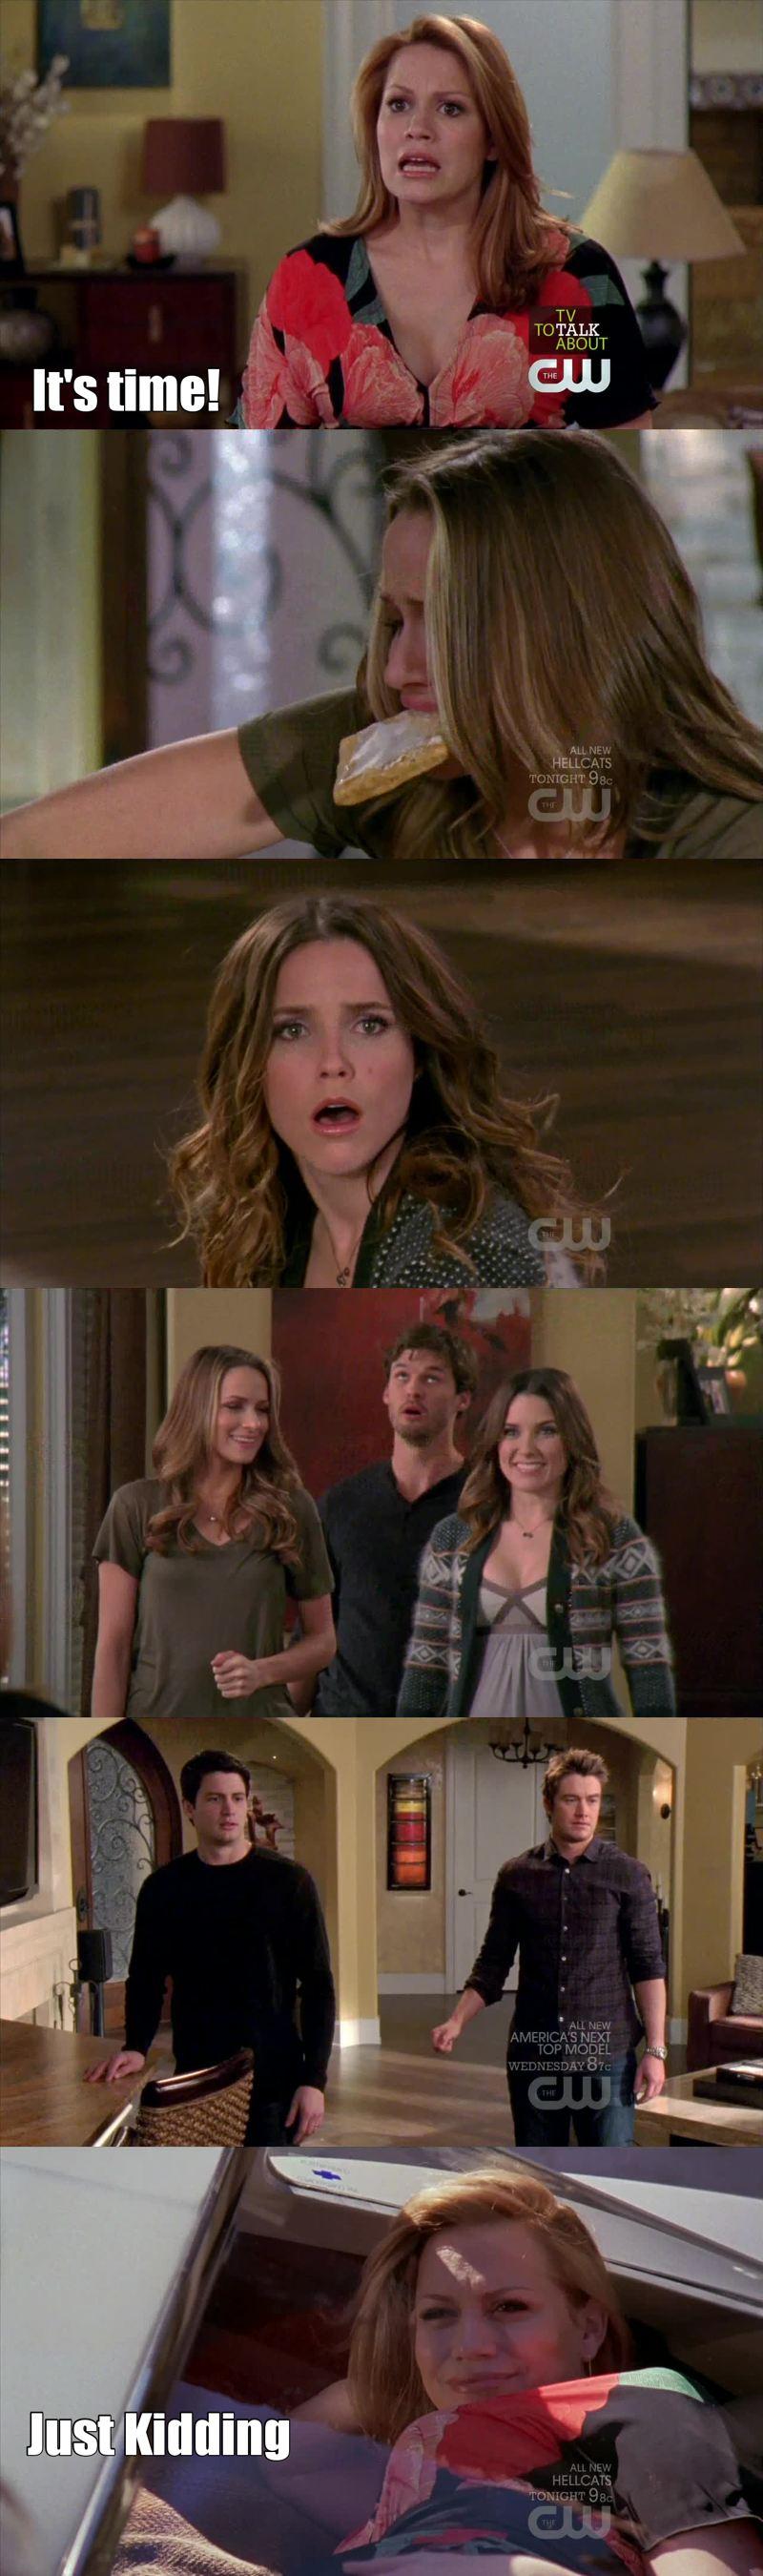 J'adore Haley vraiment ❤️